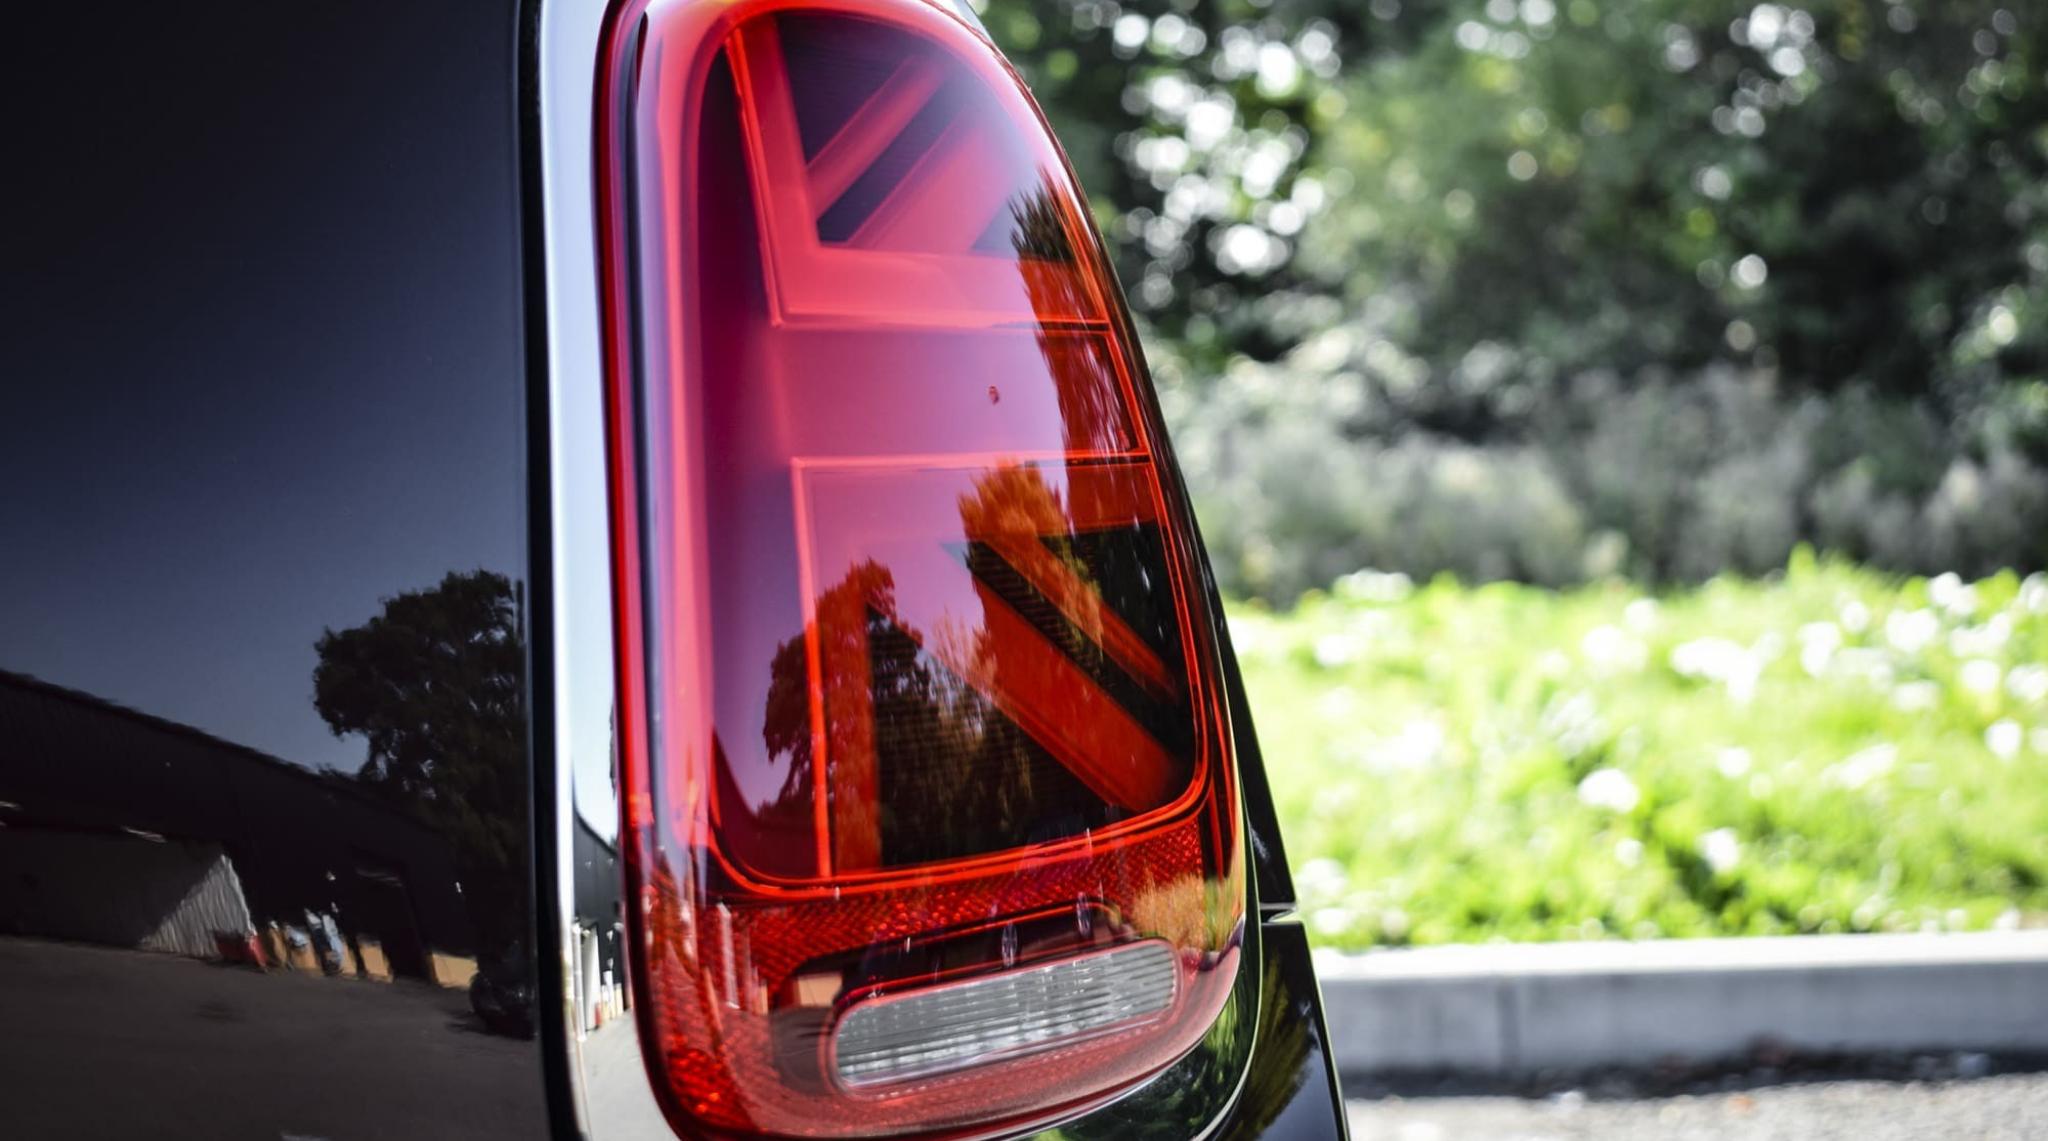 Burgundy MINI Cooper 3 Door Hatch